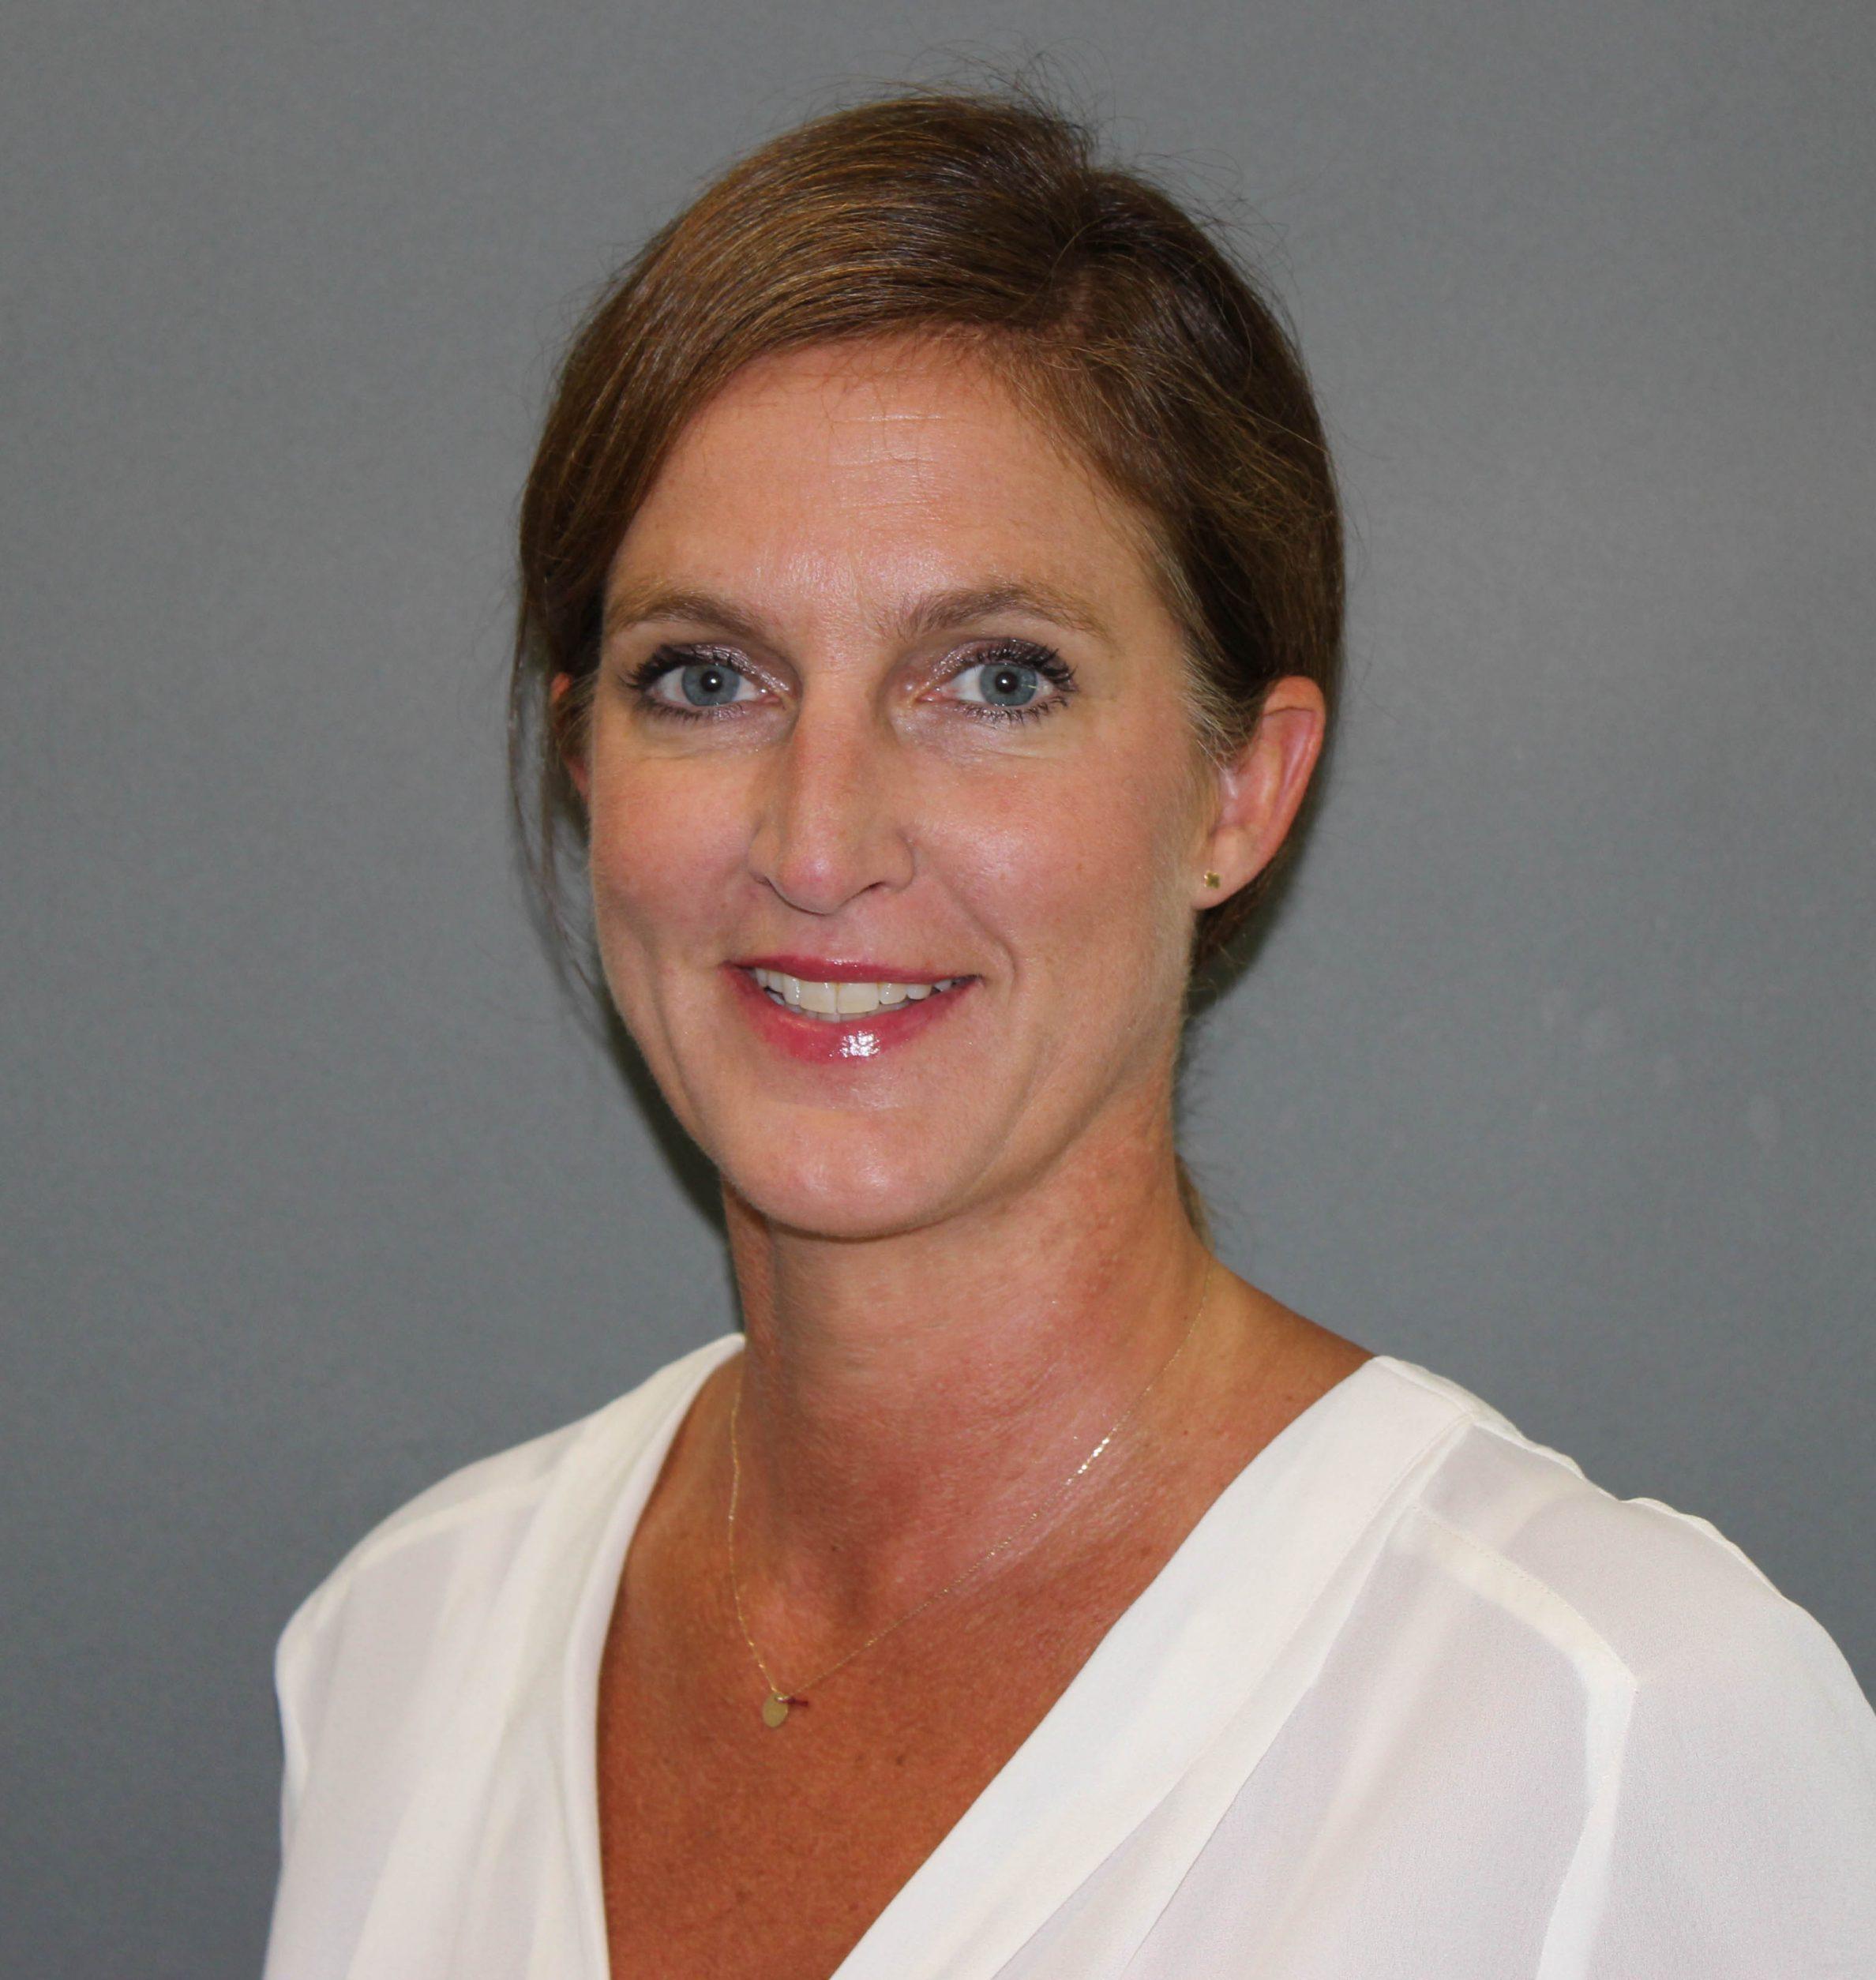 Katja Maier